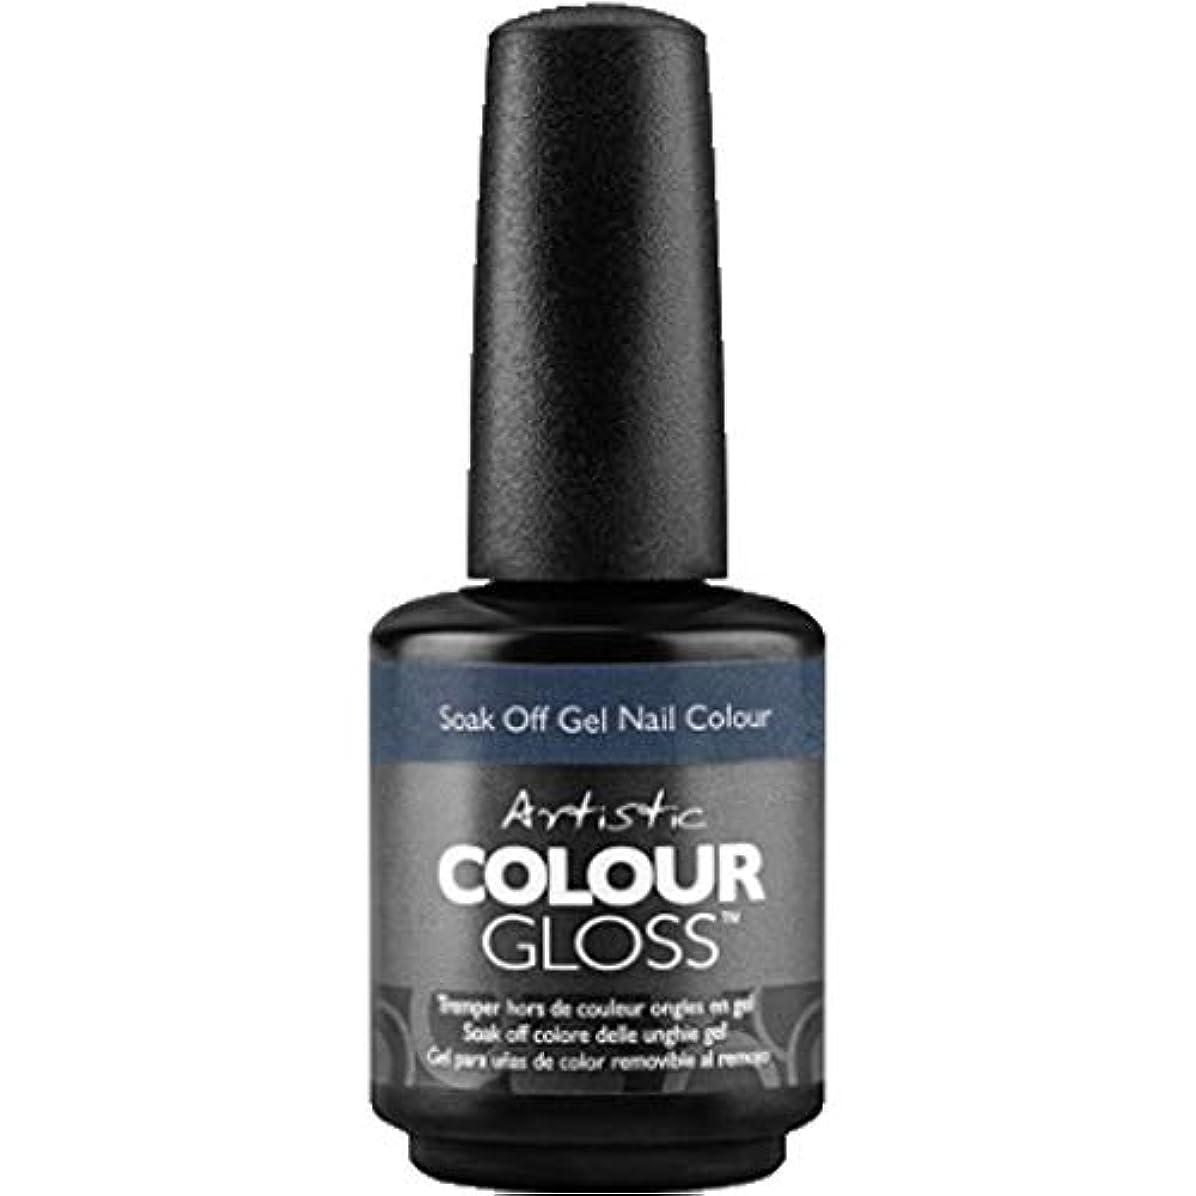 組立であること充電Artistic Colour Gloss - No Taming My Twinkle - 0.5oz / 15ml